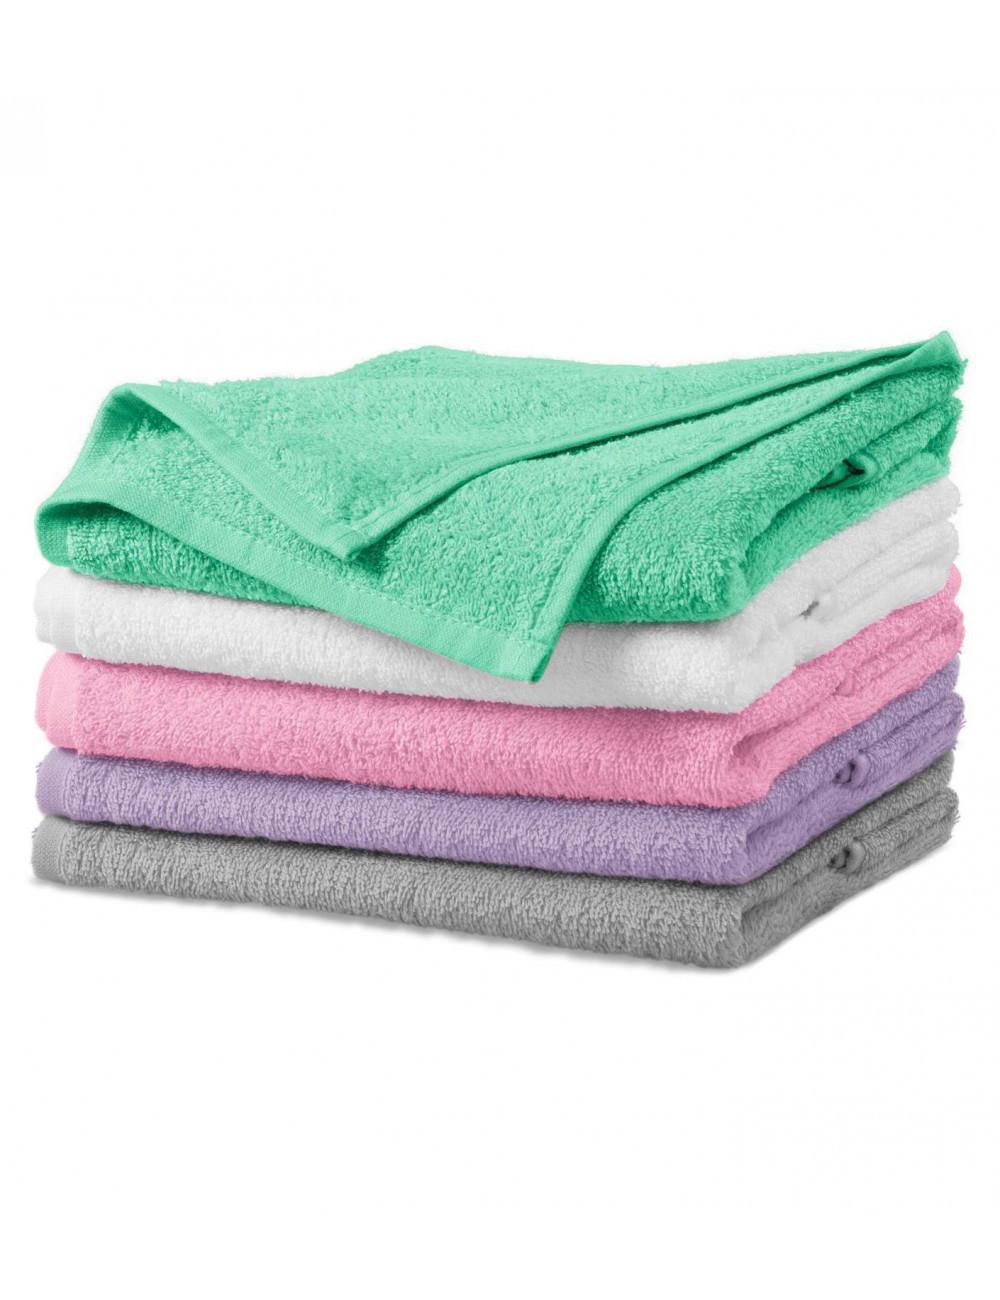 Adler MALFINI Ręcznik duży unisex Terry Bath Towel 909 jasnoszary